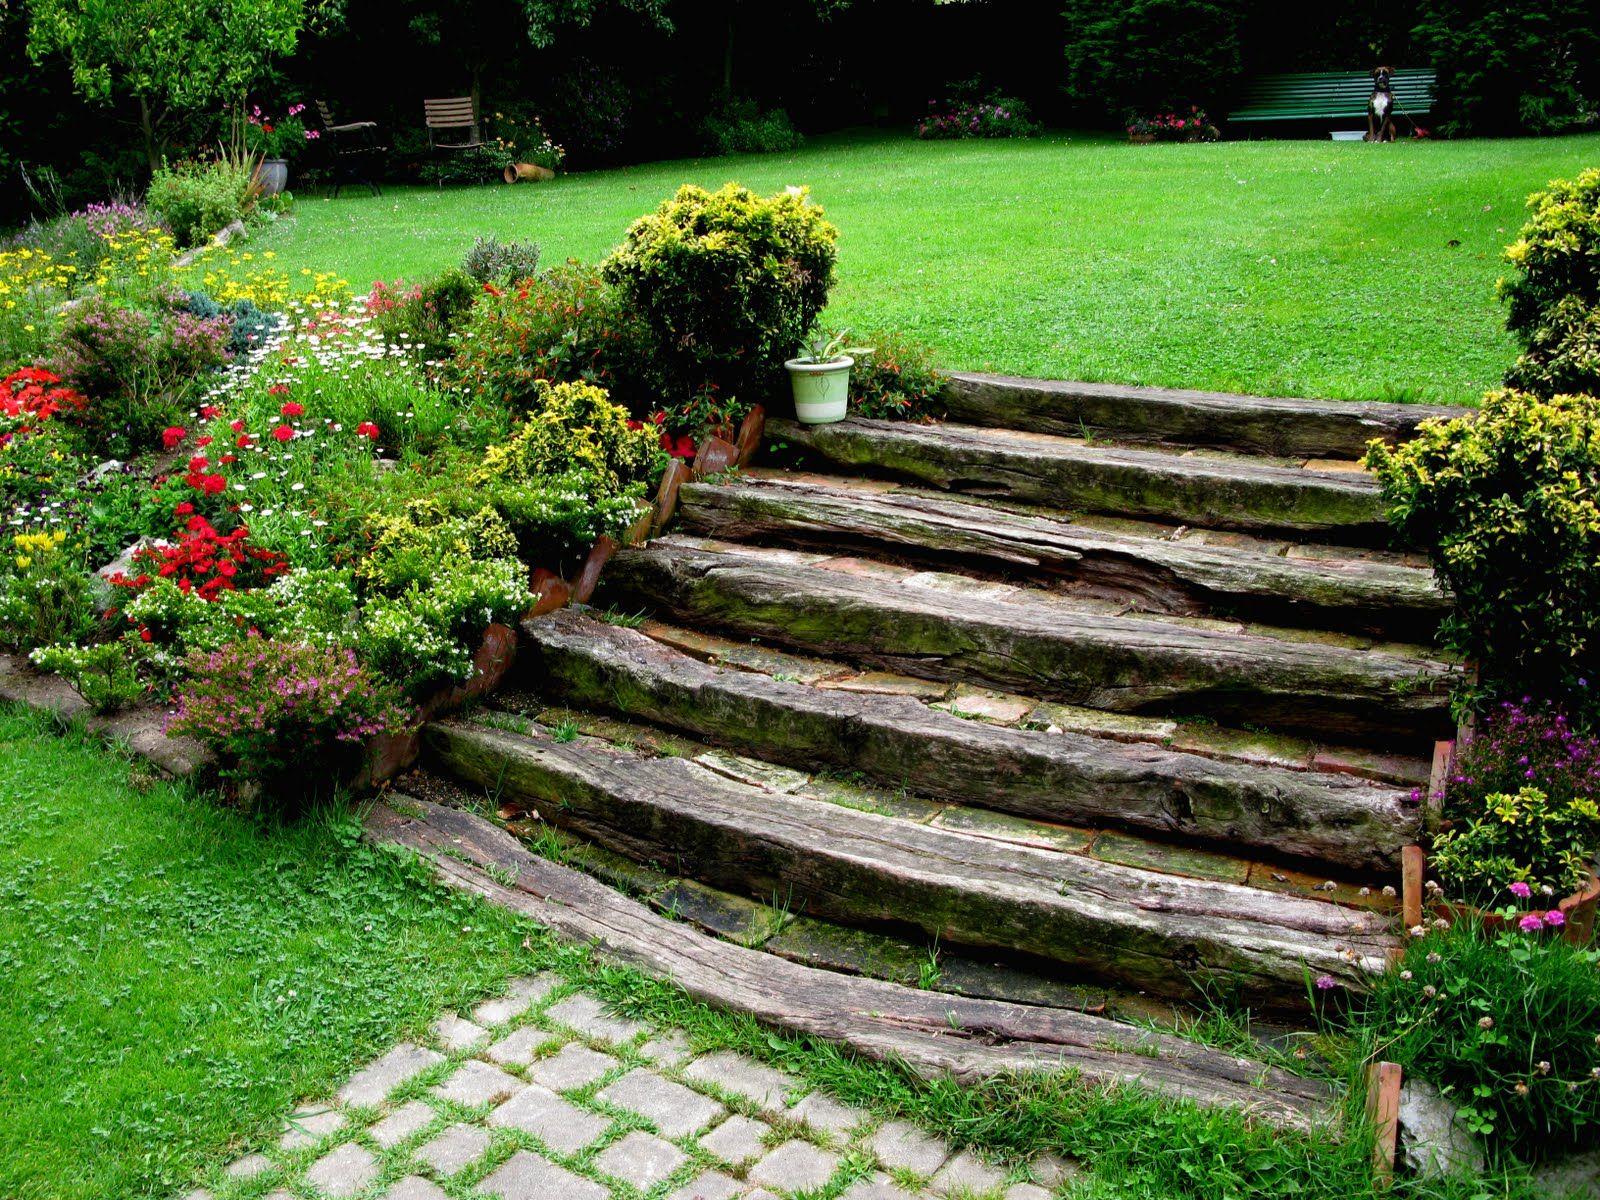 En tu jard n Un jard n con alma jardines Pinterest